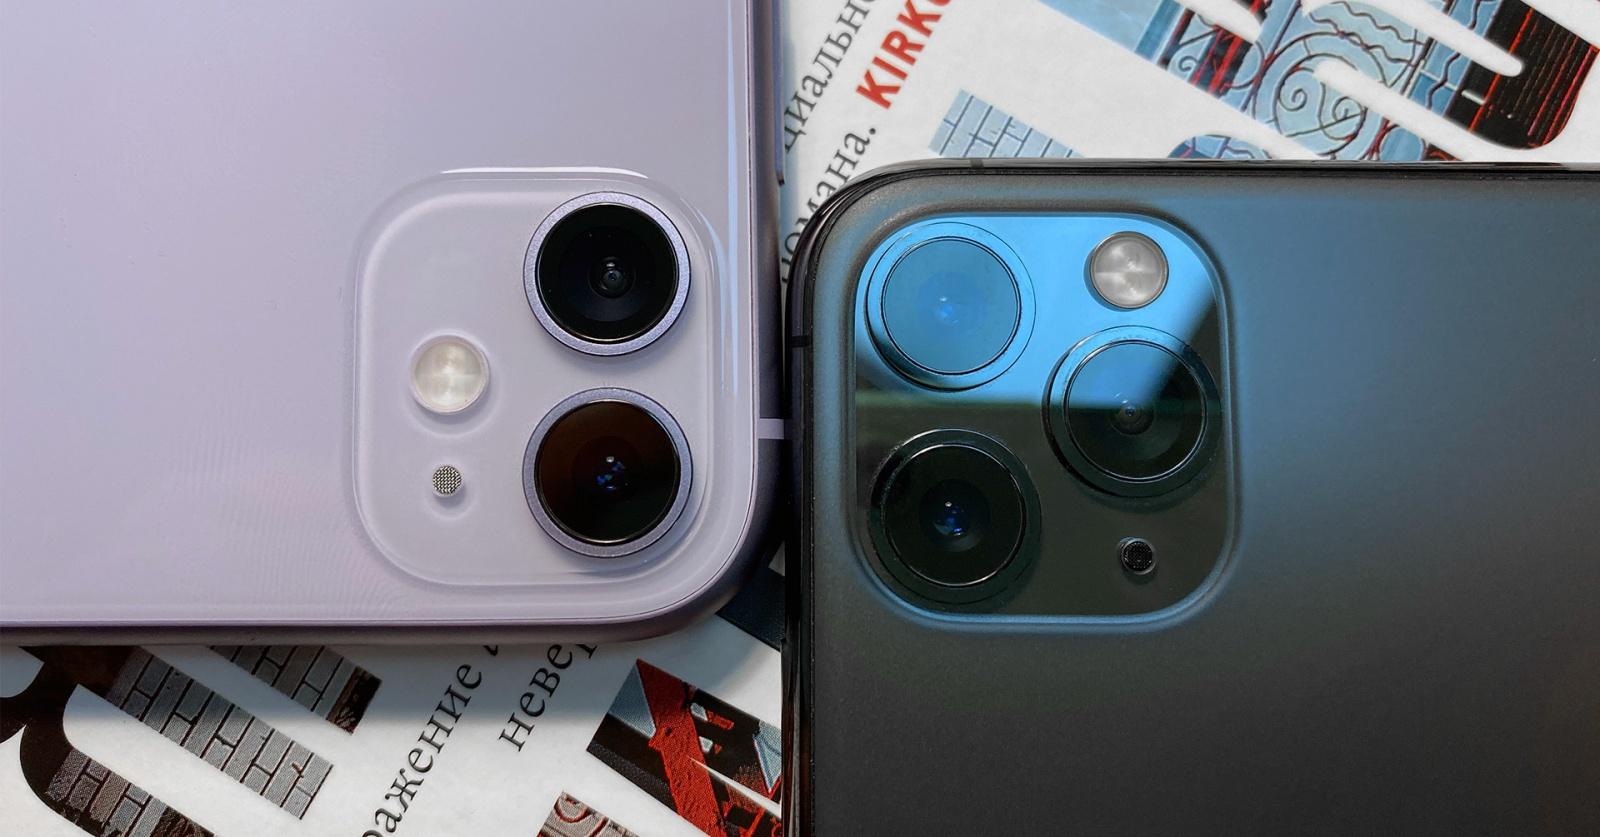 Справочная: подробно об iPhone 11, 11 Pro и новых Apple Watch после двух недель тестирования - 1